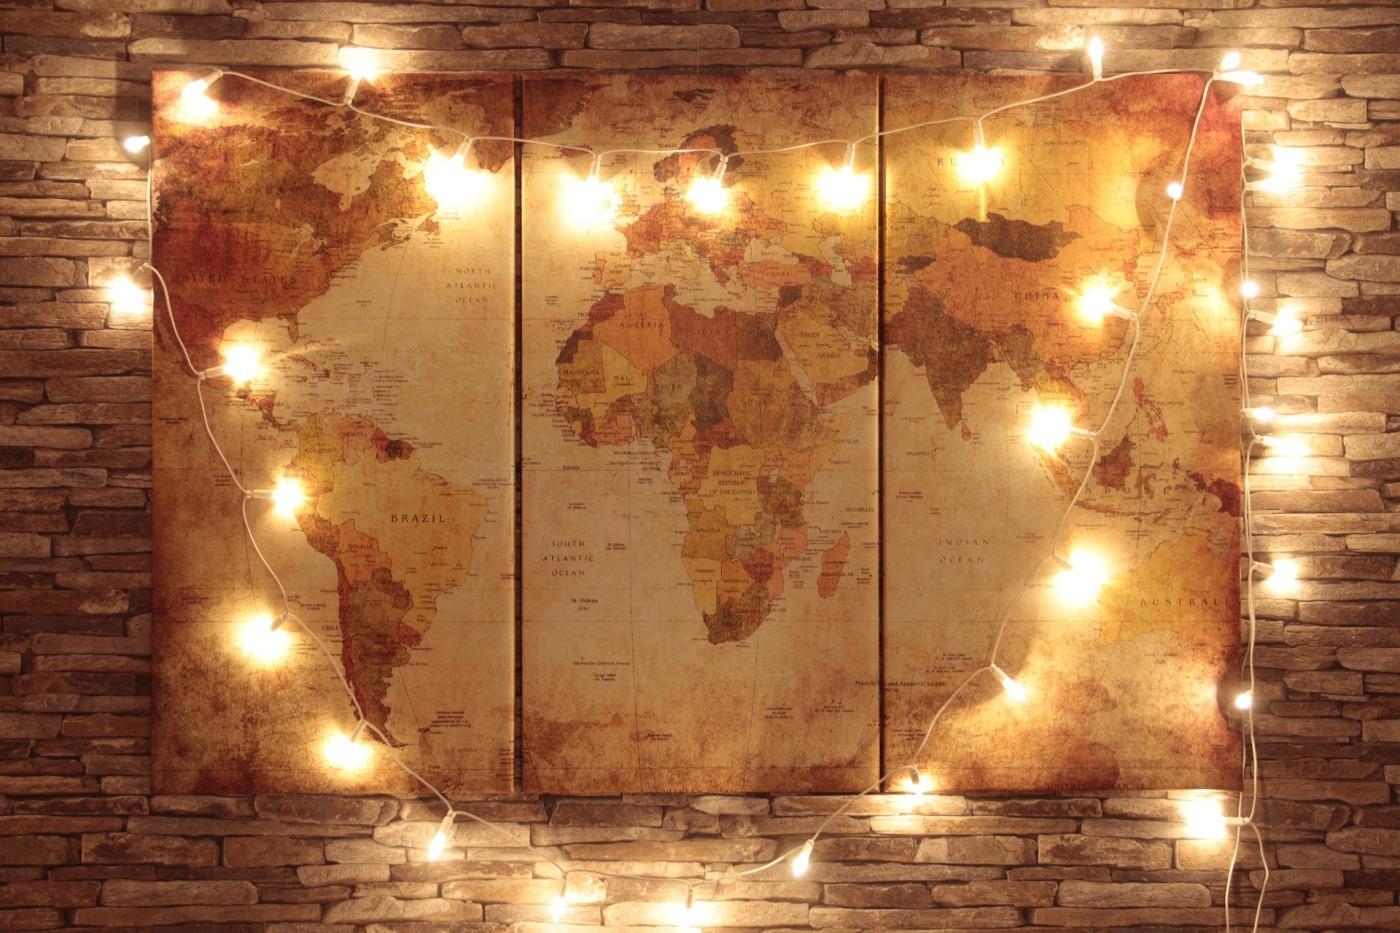 Här hittar du Reseguider, Checklistor, goda Tips och Råd för att planera din resa, semester och drömresa online!